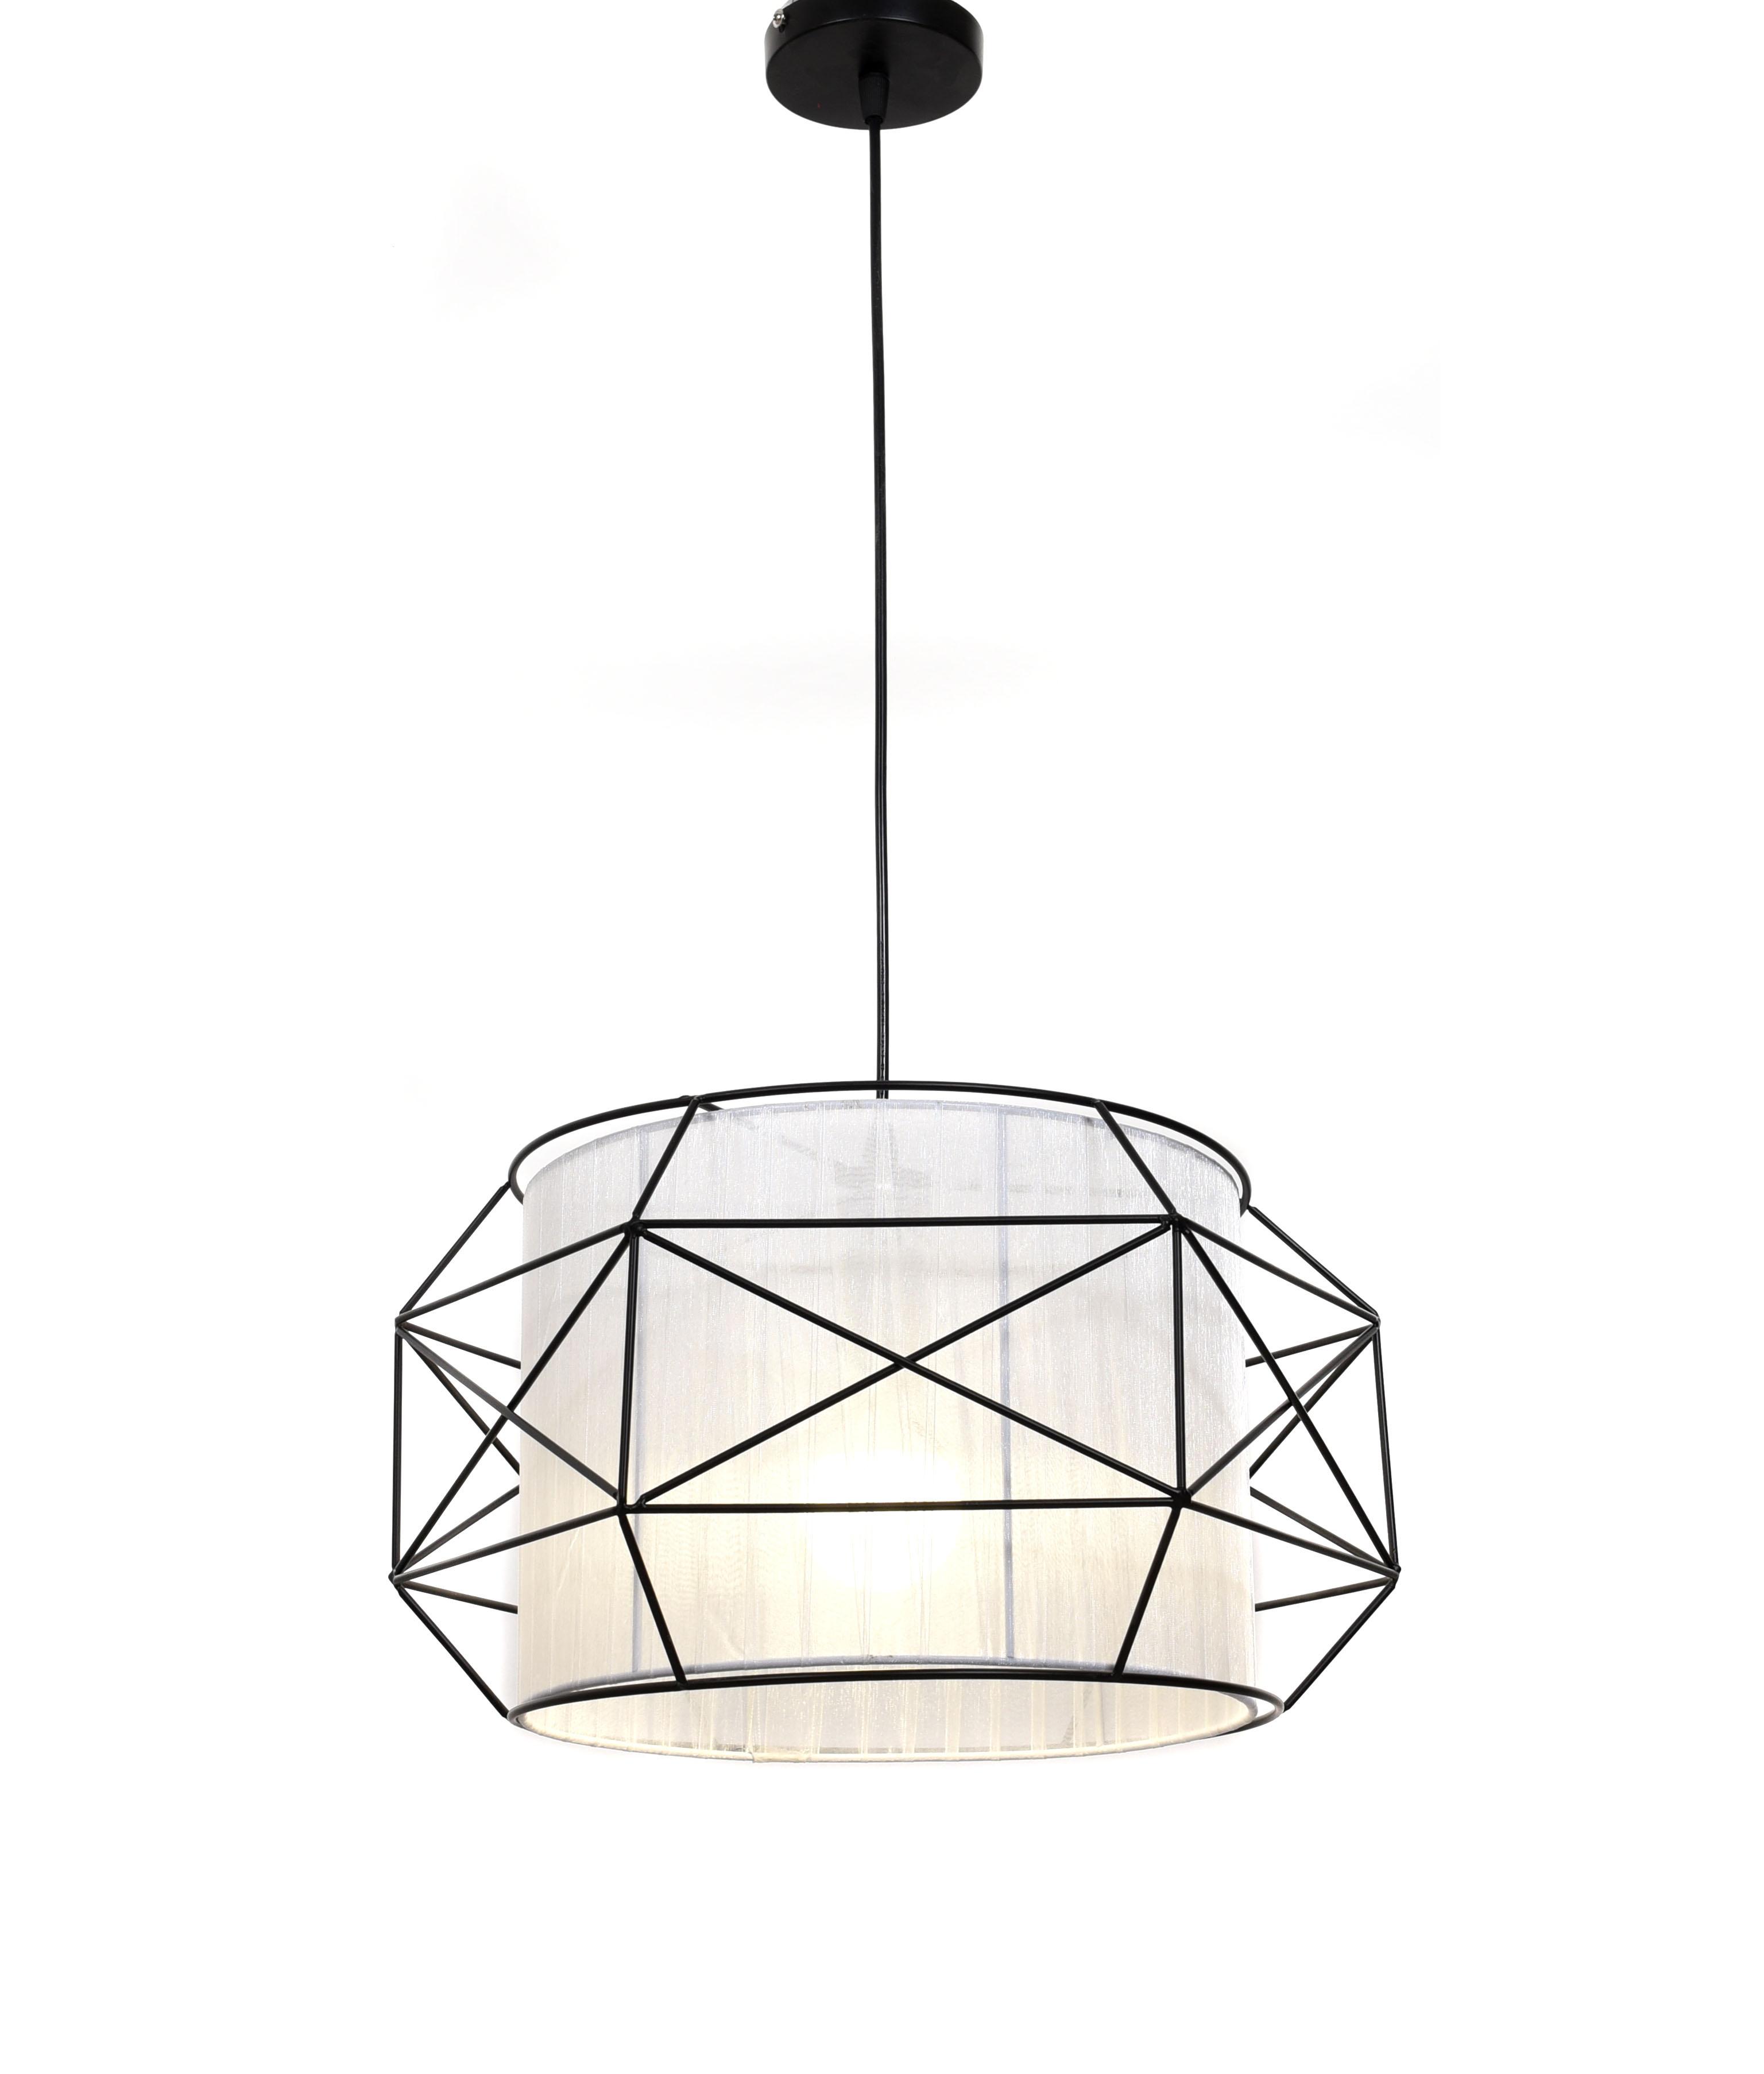 Подвесной светильник Lumina Deco Berti LDP 8001 BK+WT, 1xE27x40W, черный, белый, черно-белый, металл, текстиль - фото 4